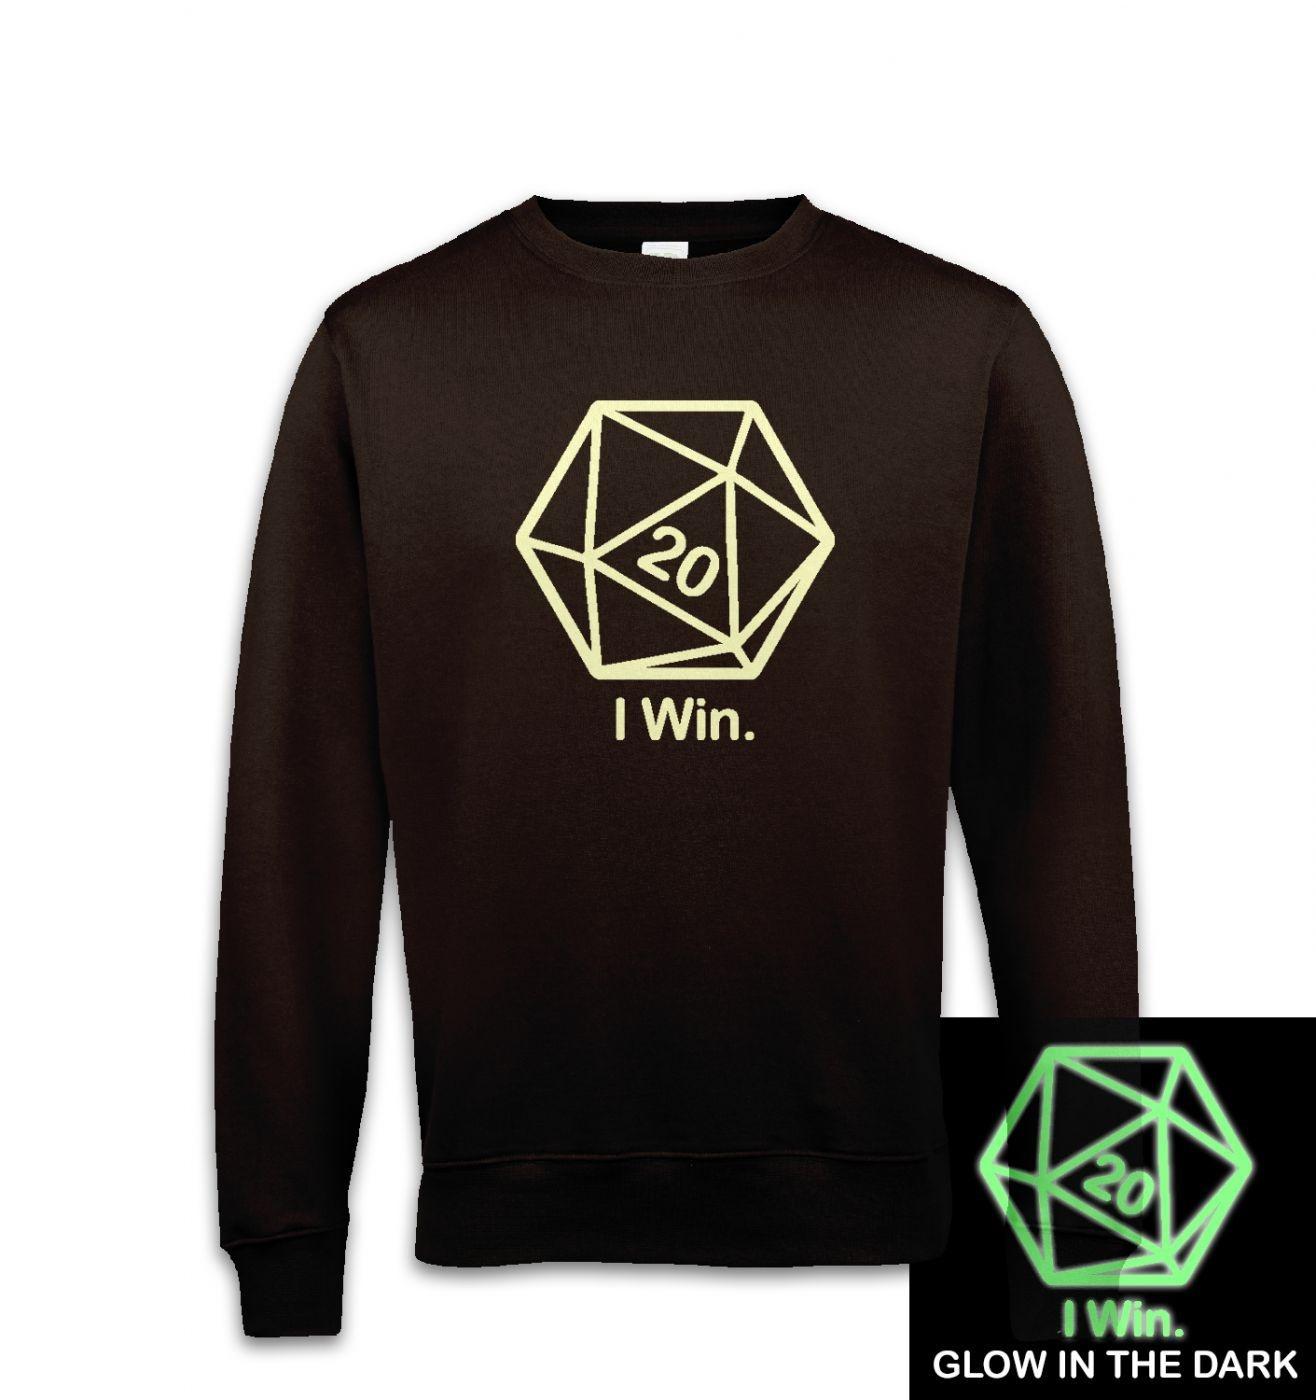 D20 I Win (glow in the dark) sweatshirt